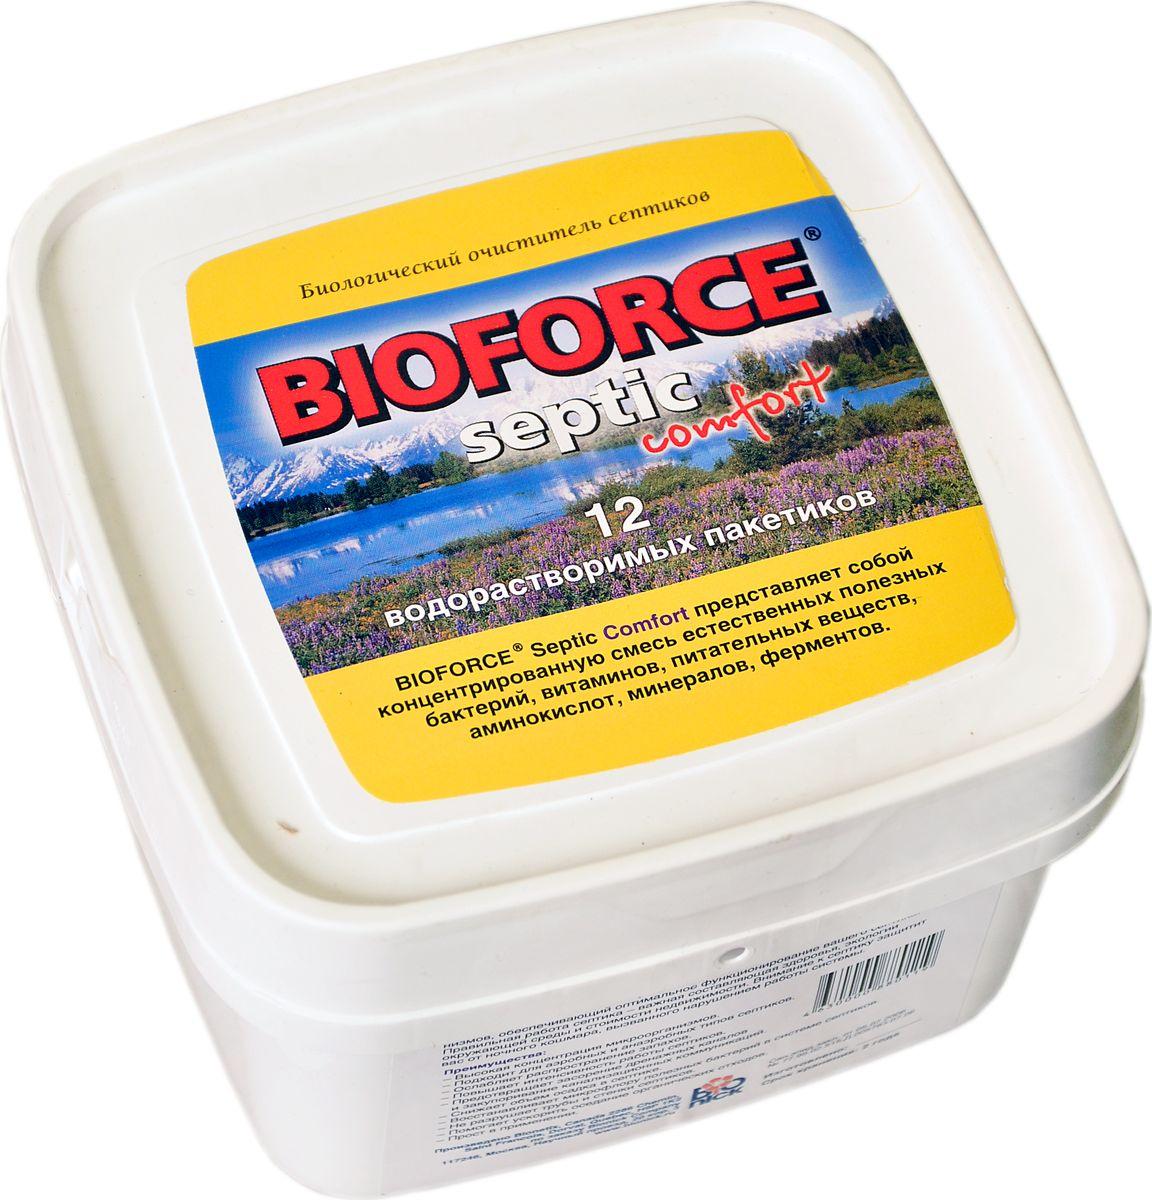 цена на Средство для септиков и биотуалетов Bioforce Septic Comfort, 56 г, 12 шт